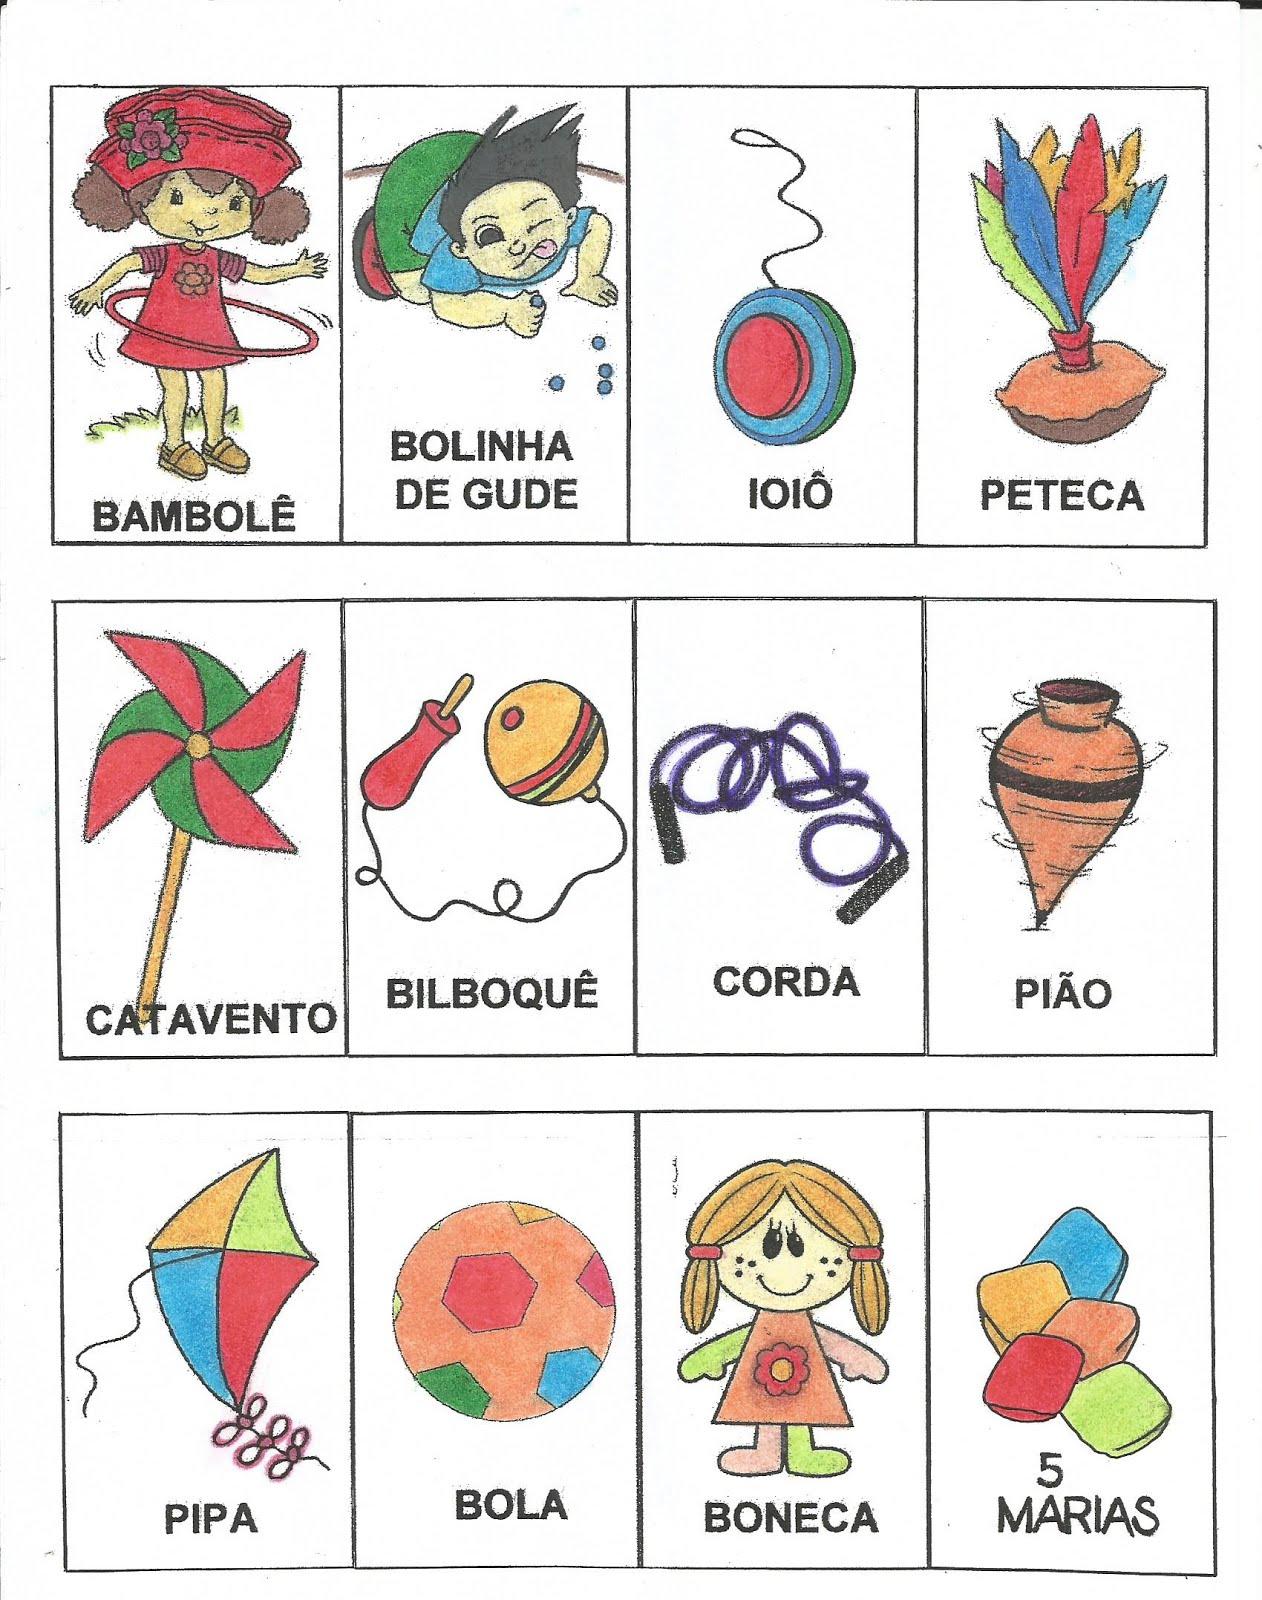 Brinquedo | Evolução Histórica dos Brinquedos